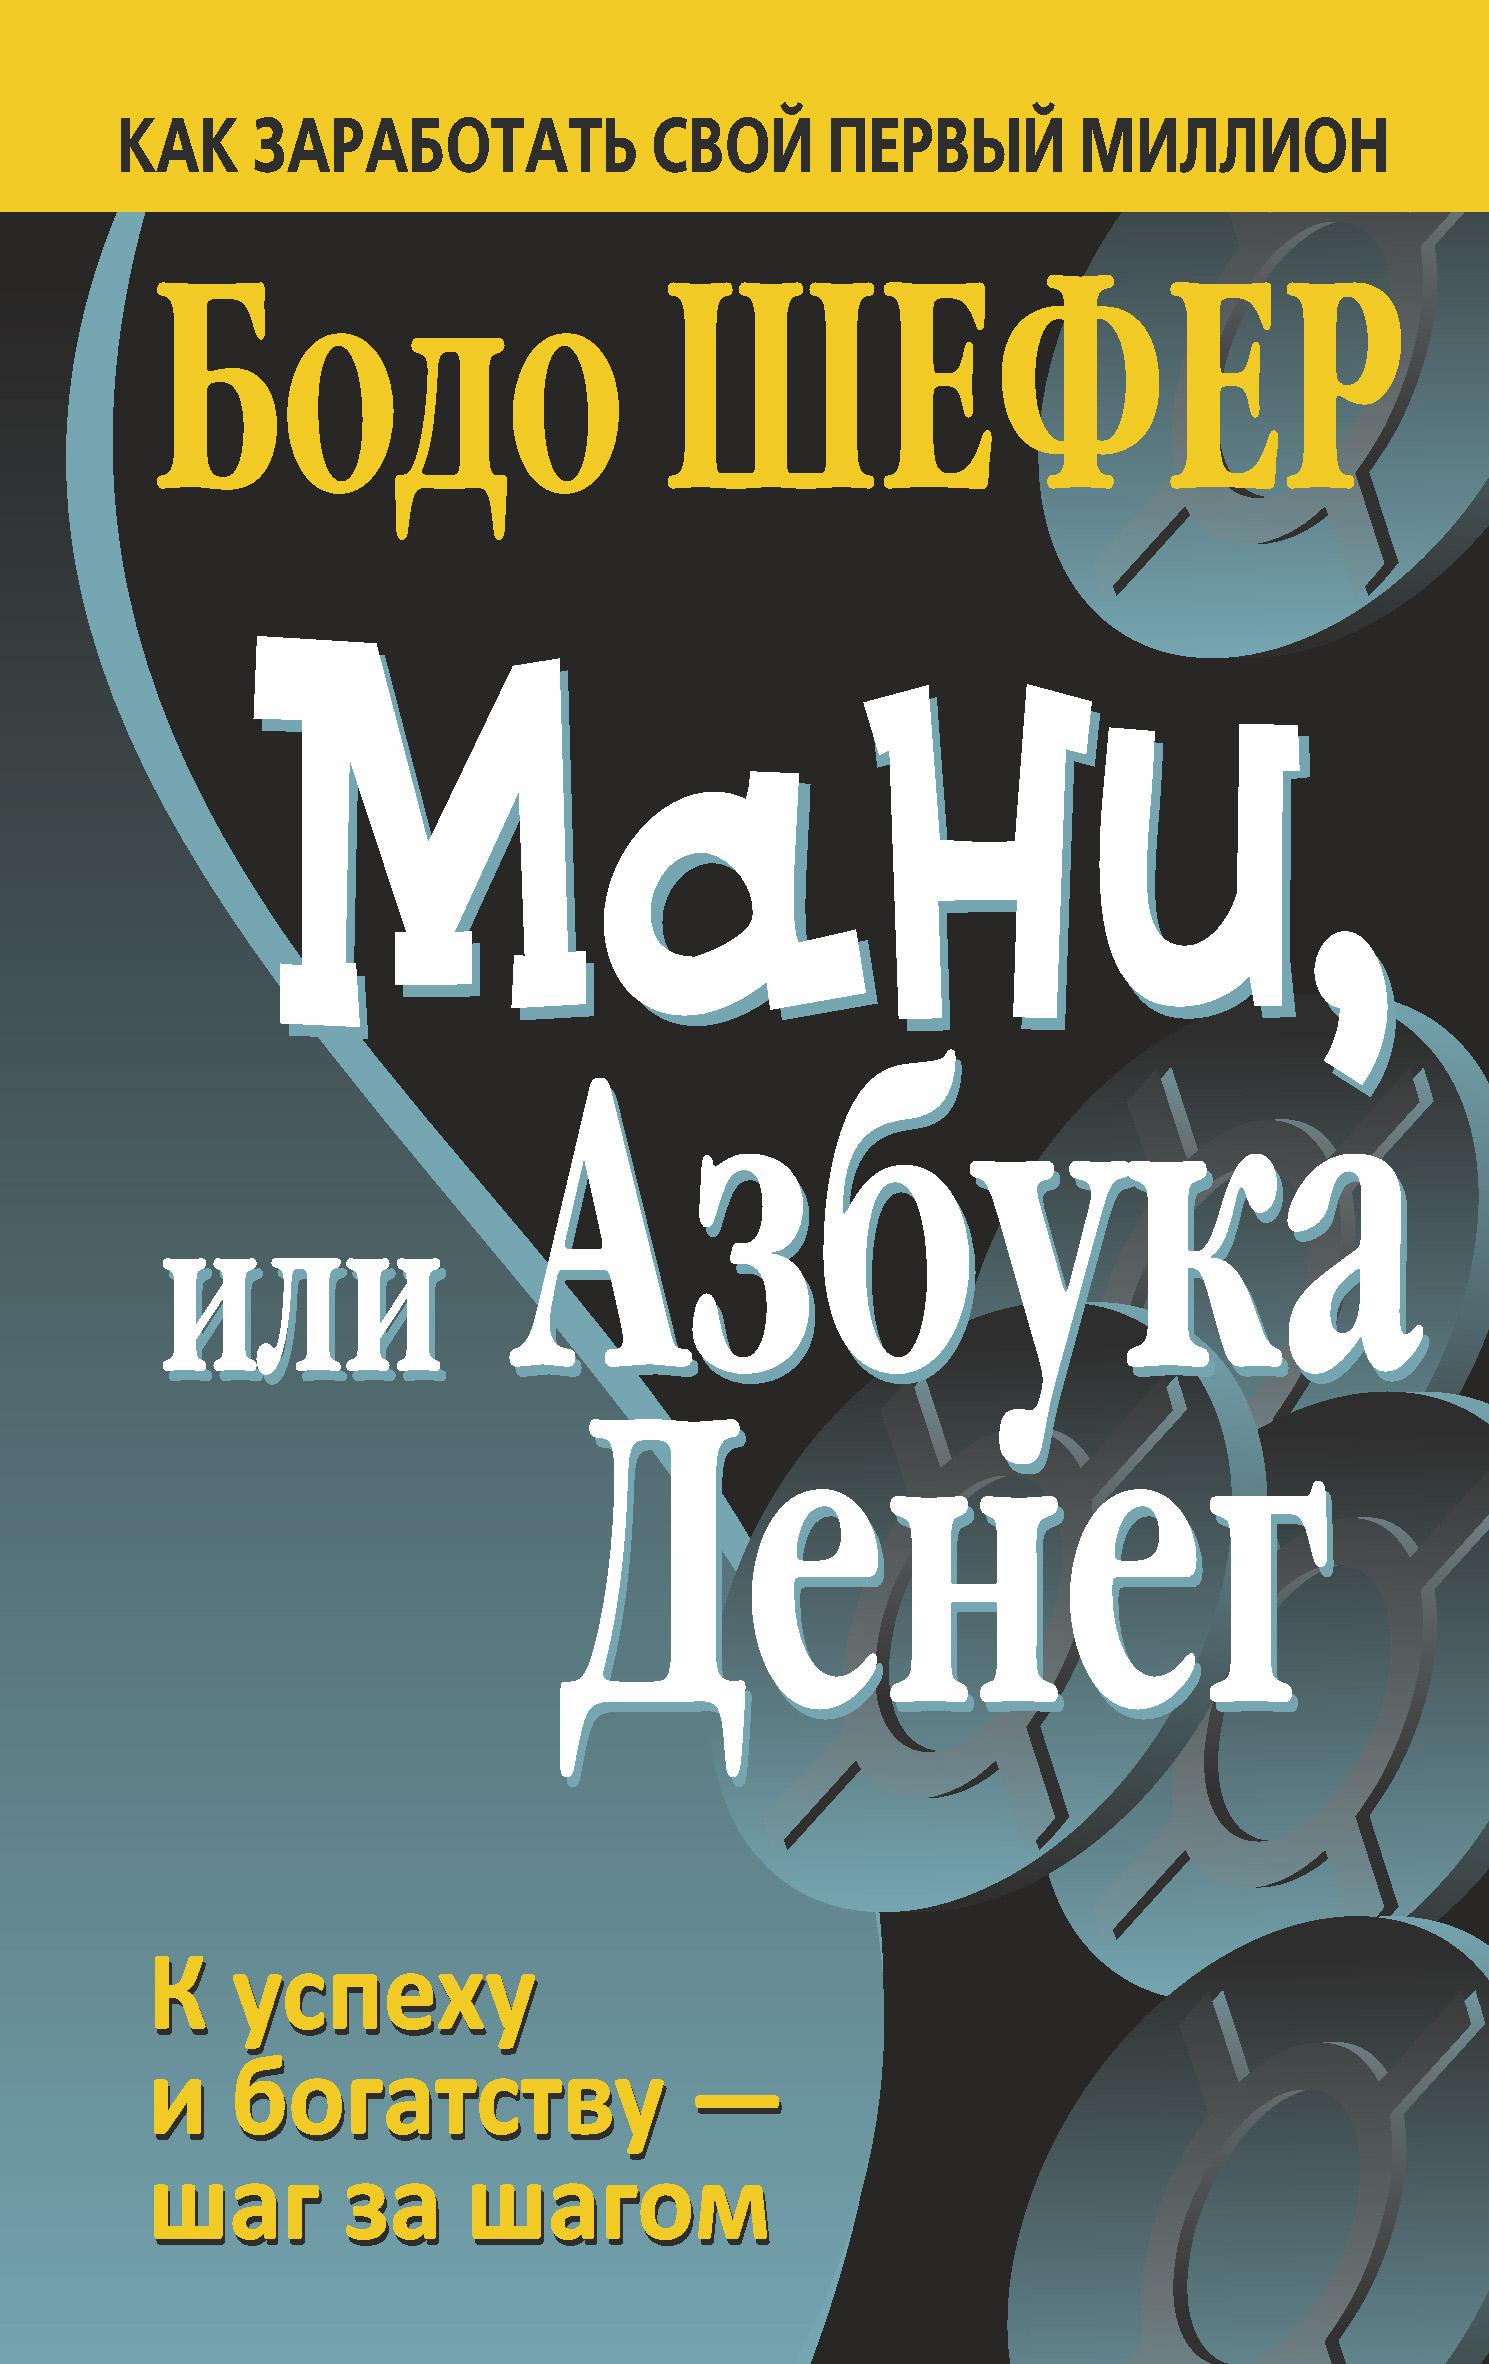 Обложка книги. Автор - Бодо Шефер